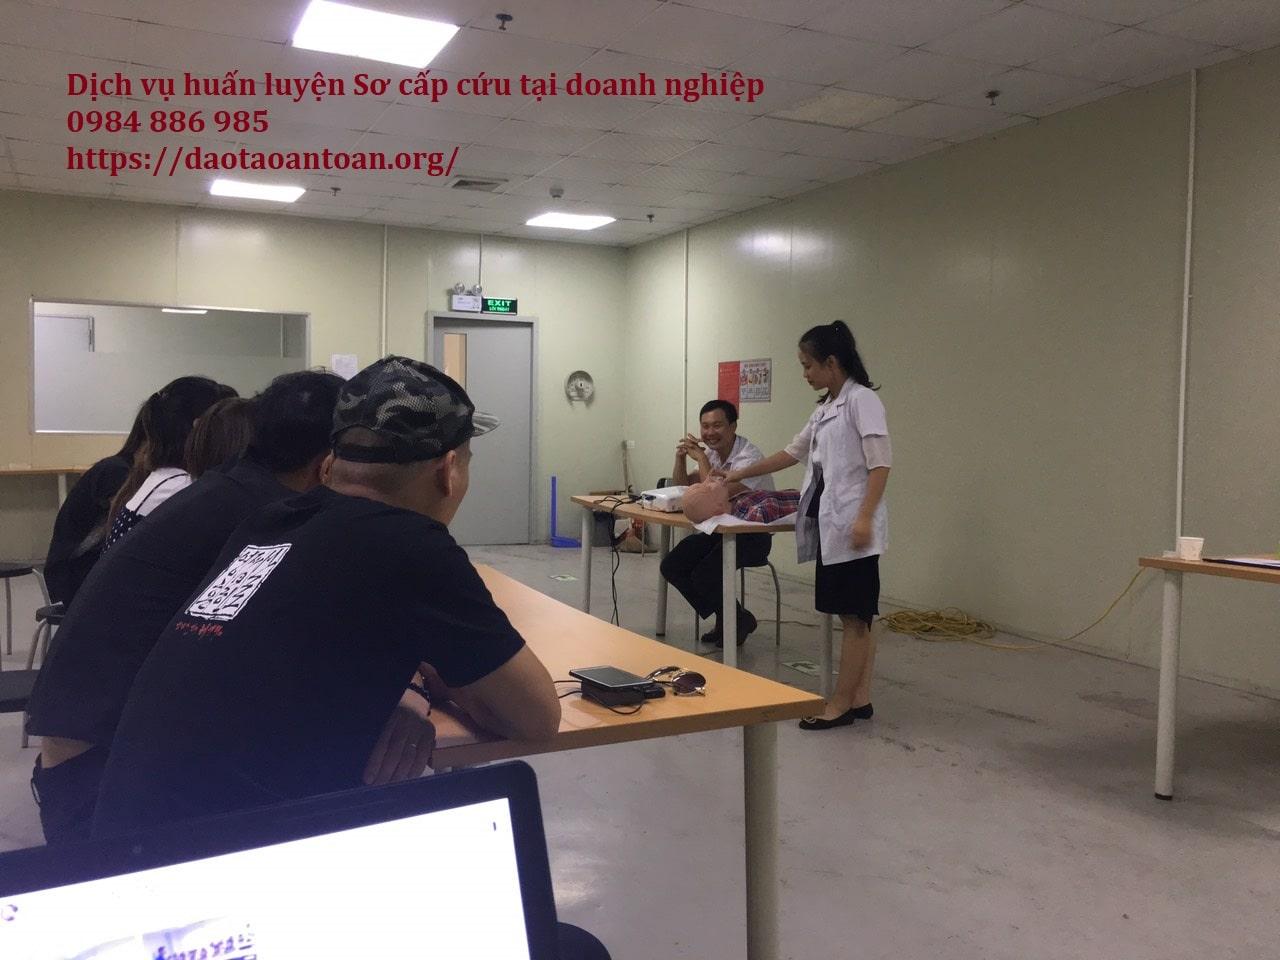 Dịch vụ huấn luyện sơ cấp cứu cho doanh nghiệp